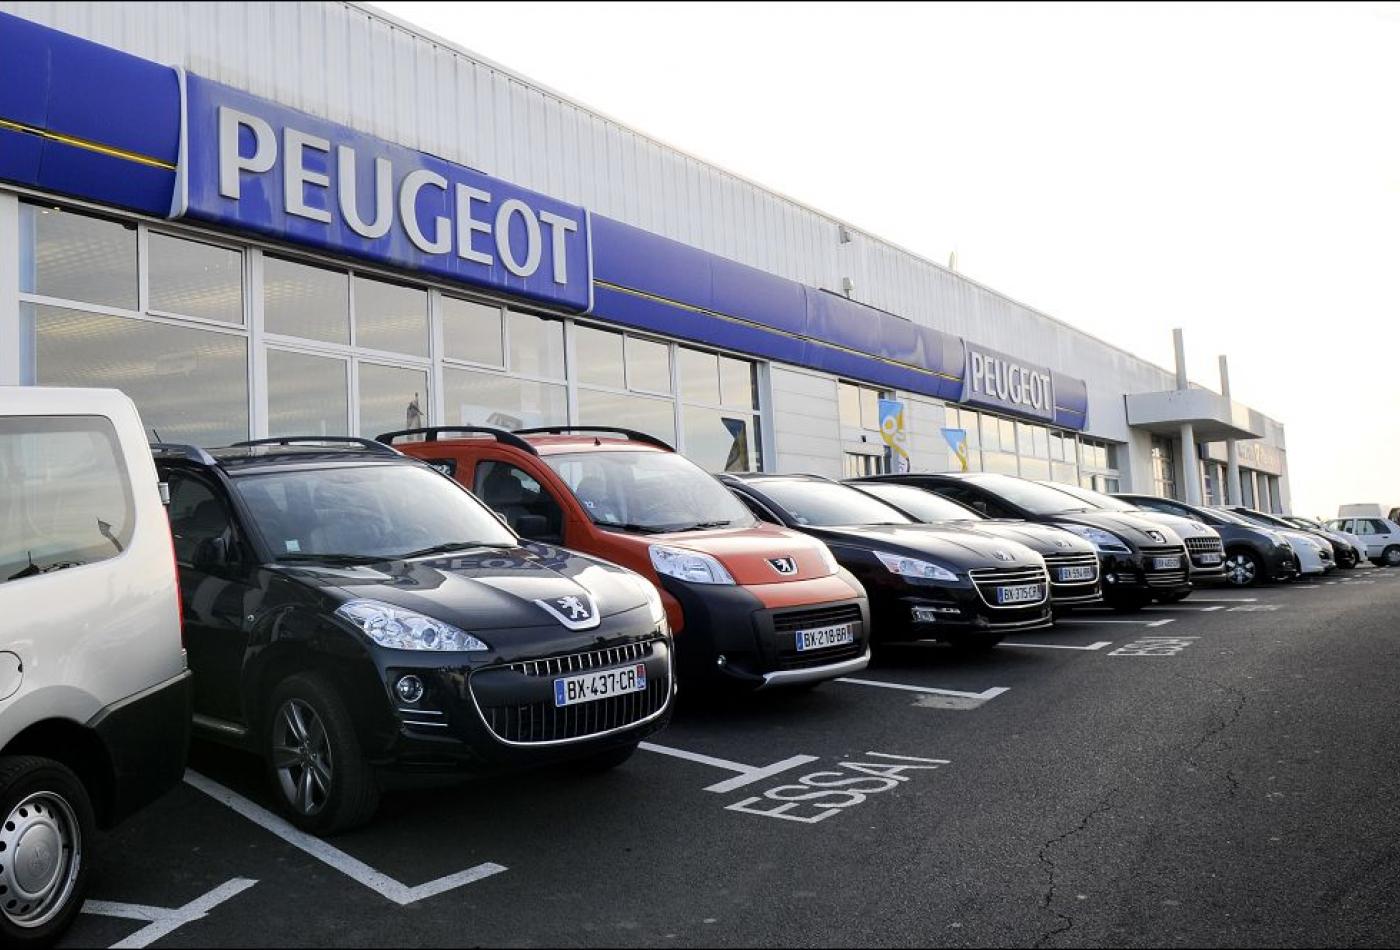 Peugeot beziers - ggb  Vends du sud